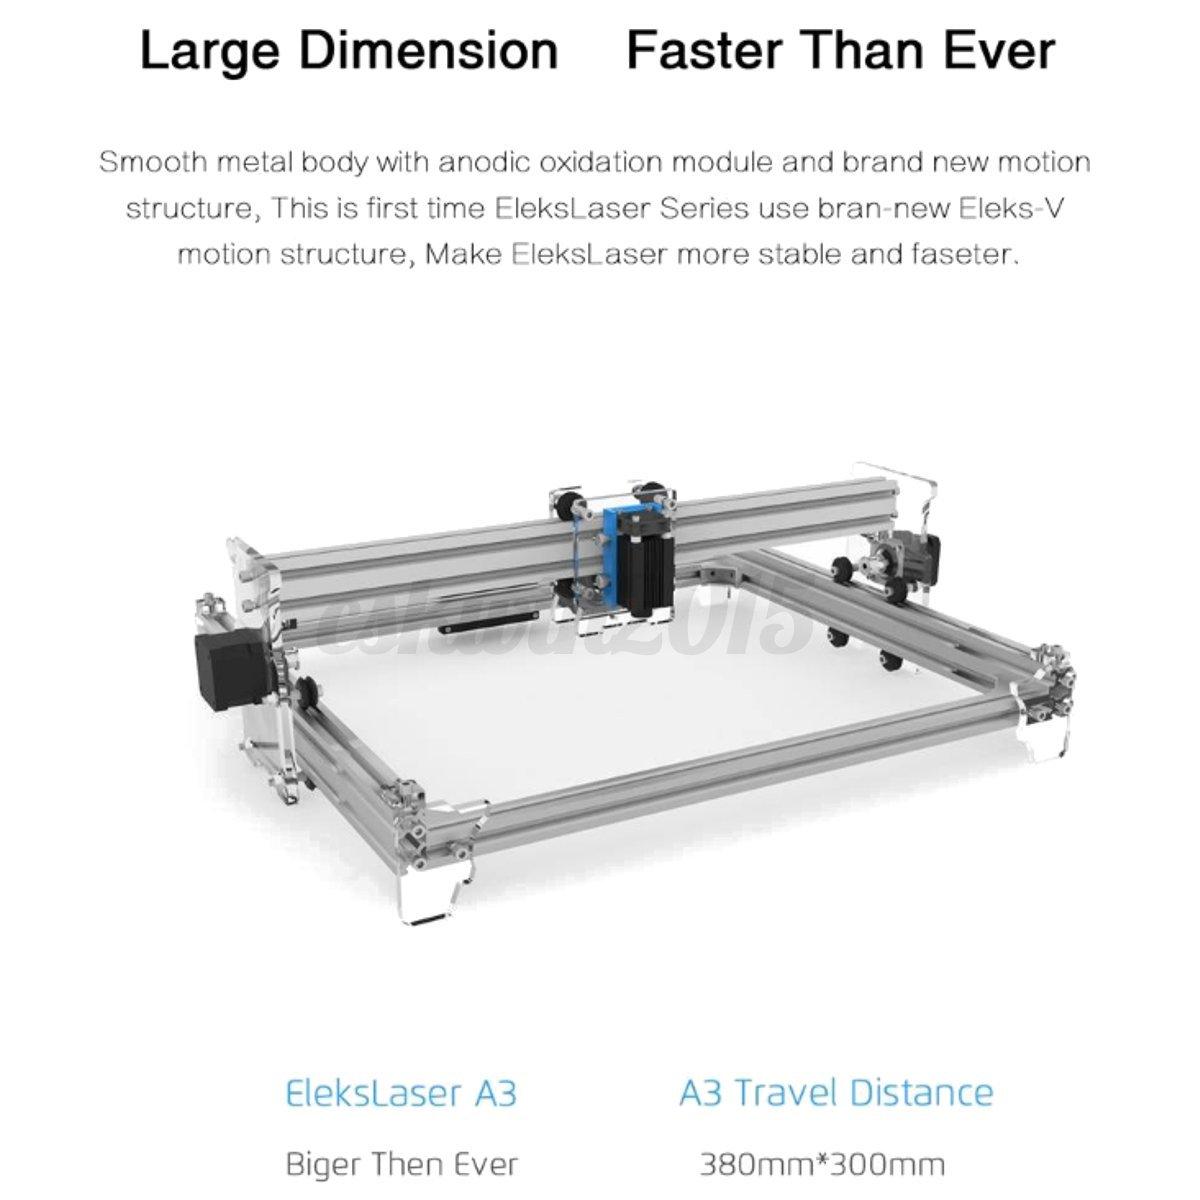 500 1600 2500 5500mw Elekslaser A3 Pro Laser Engraving